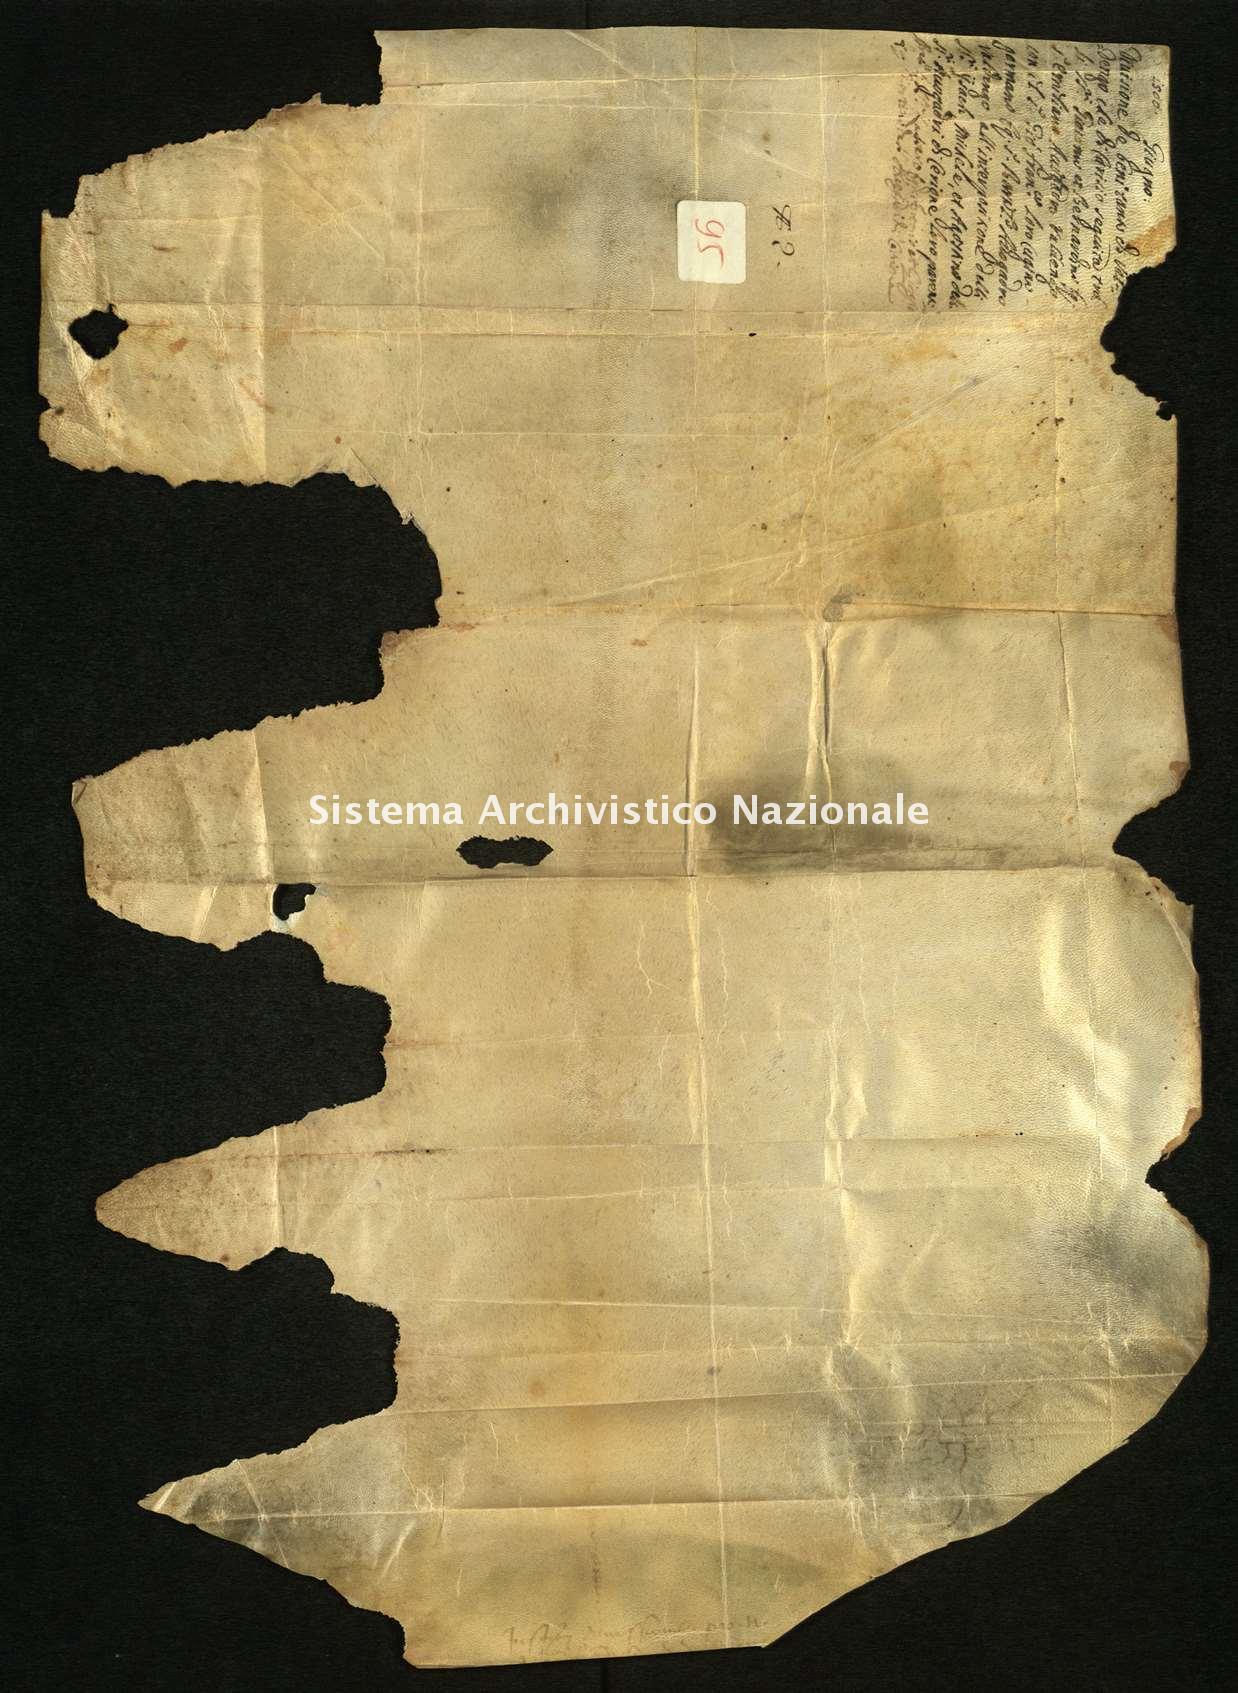 Archivio di Stato di Biella, Avogadro di Valdengo, Pergamene, Pergamene I, Cerrione, sec. XV - XVI, giugno